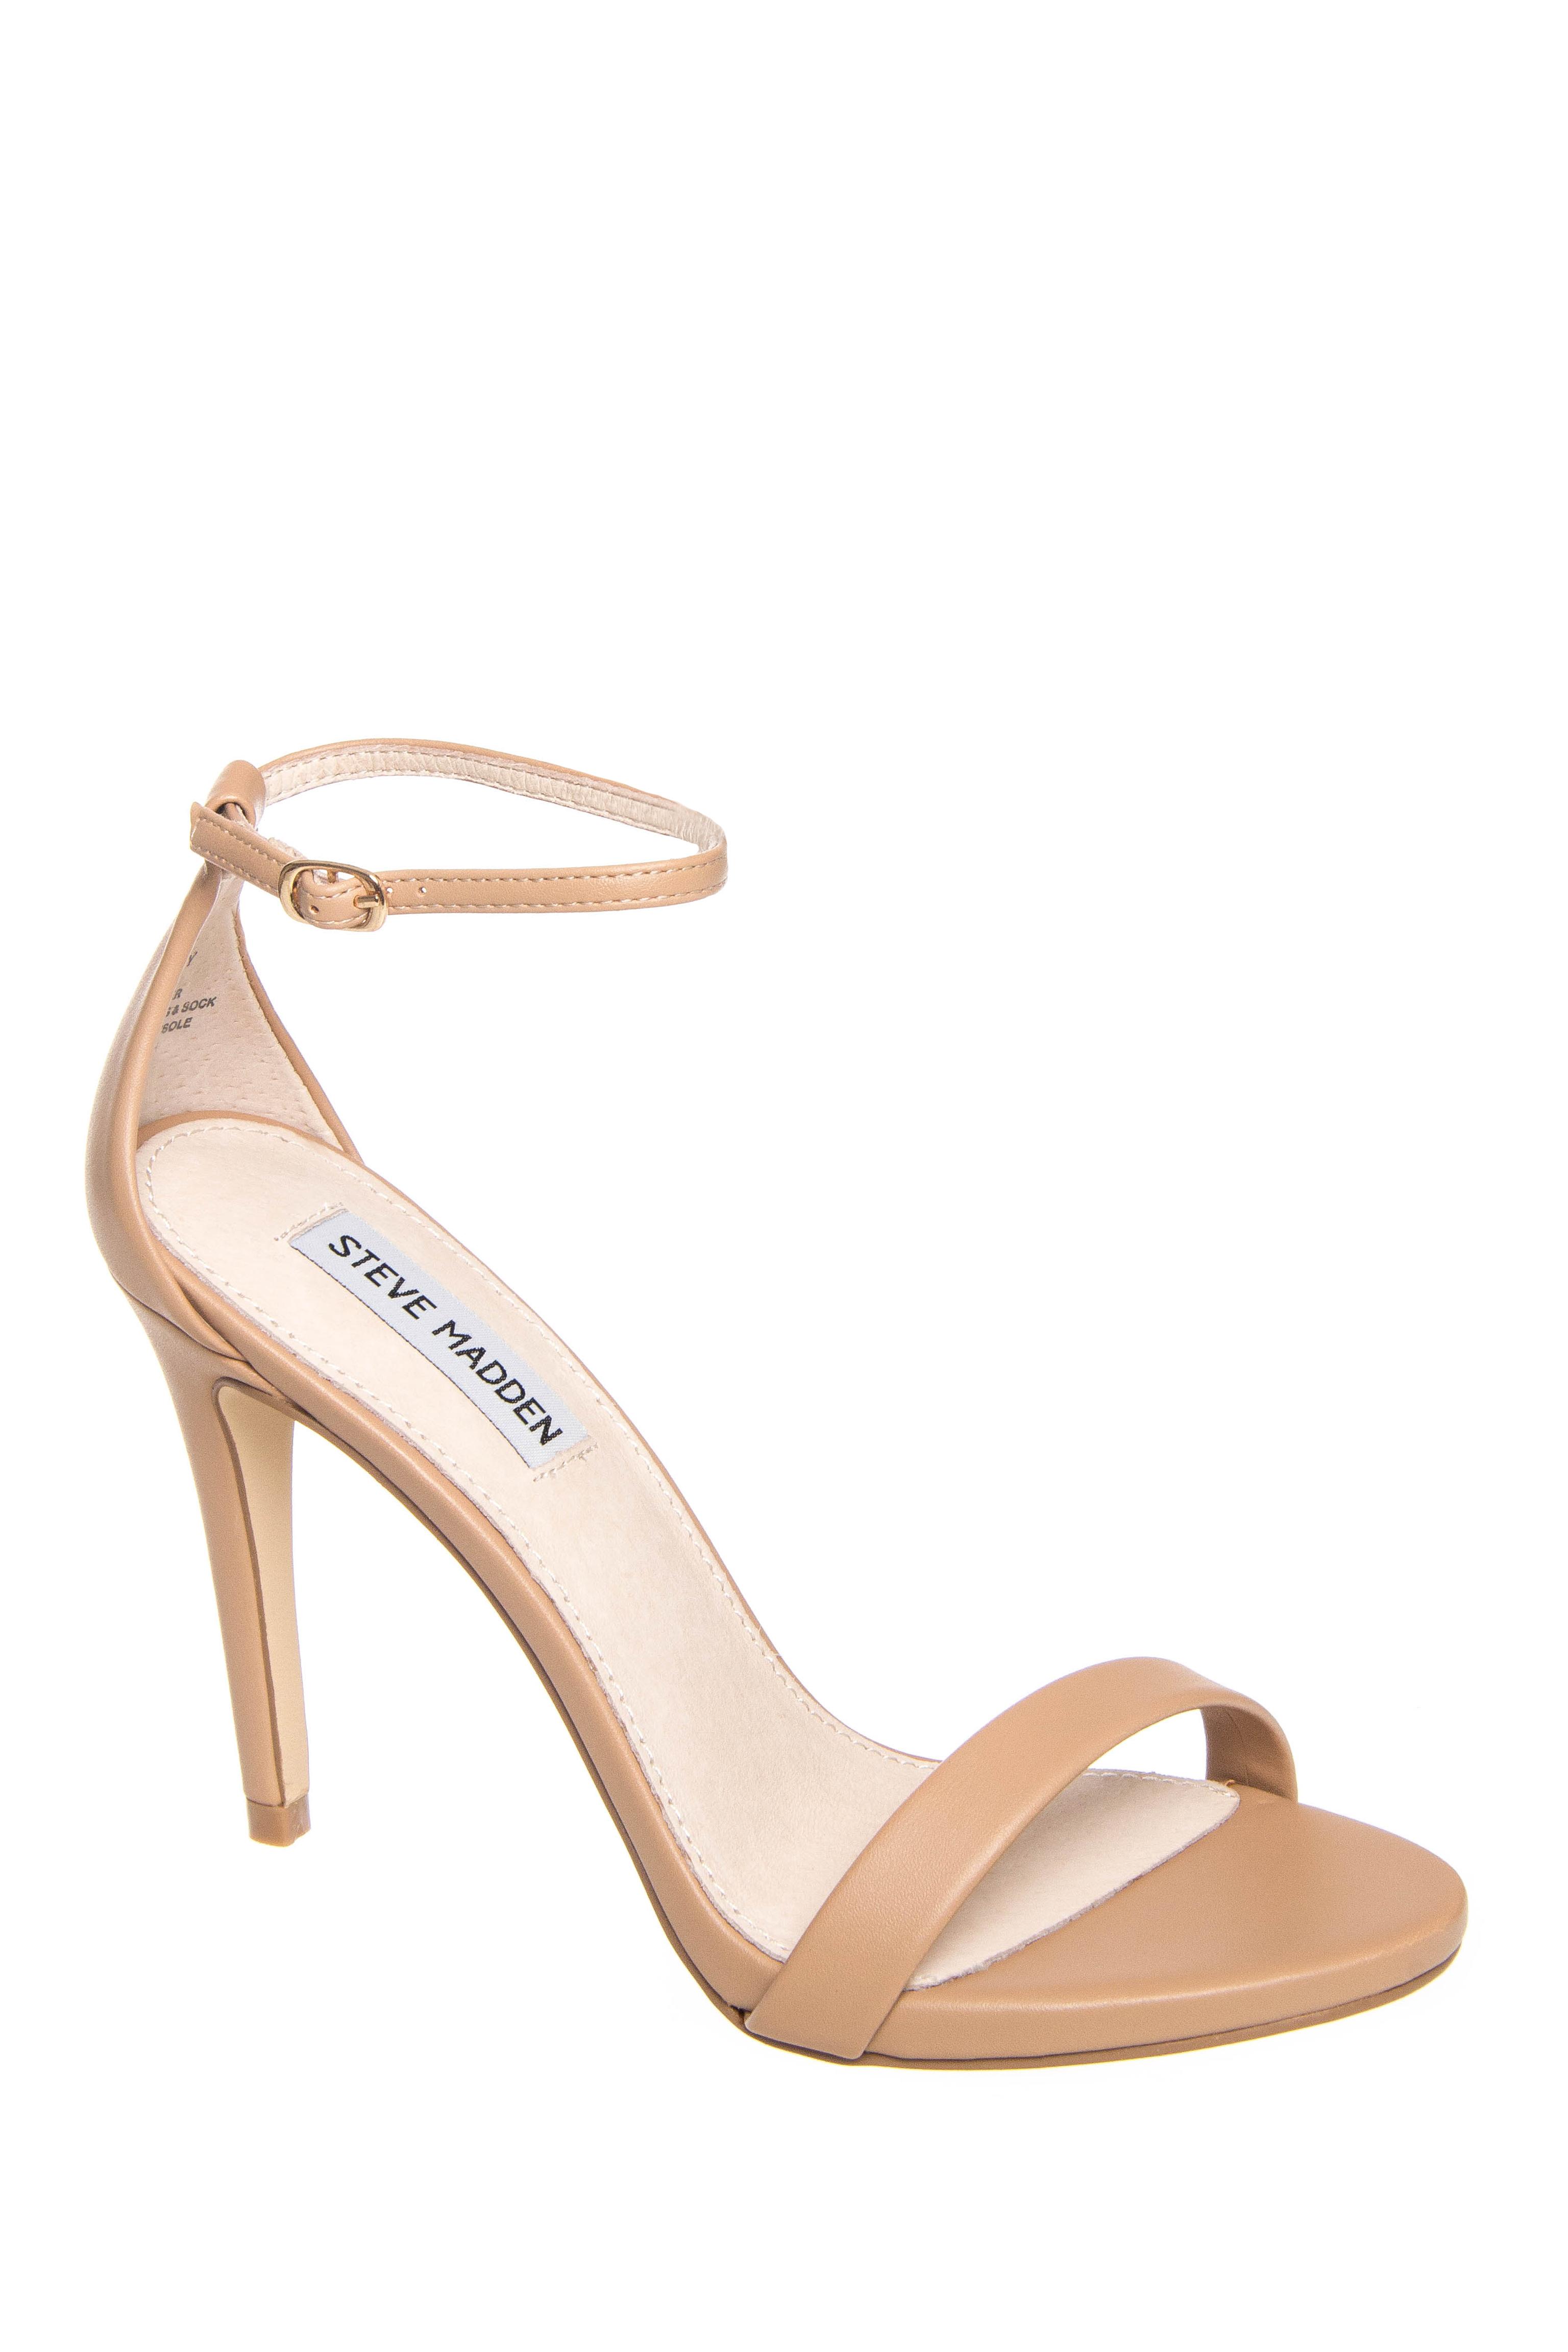 Steve Madden Stecy High Heel Sandals